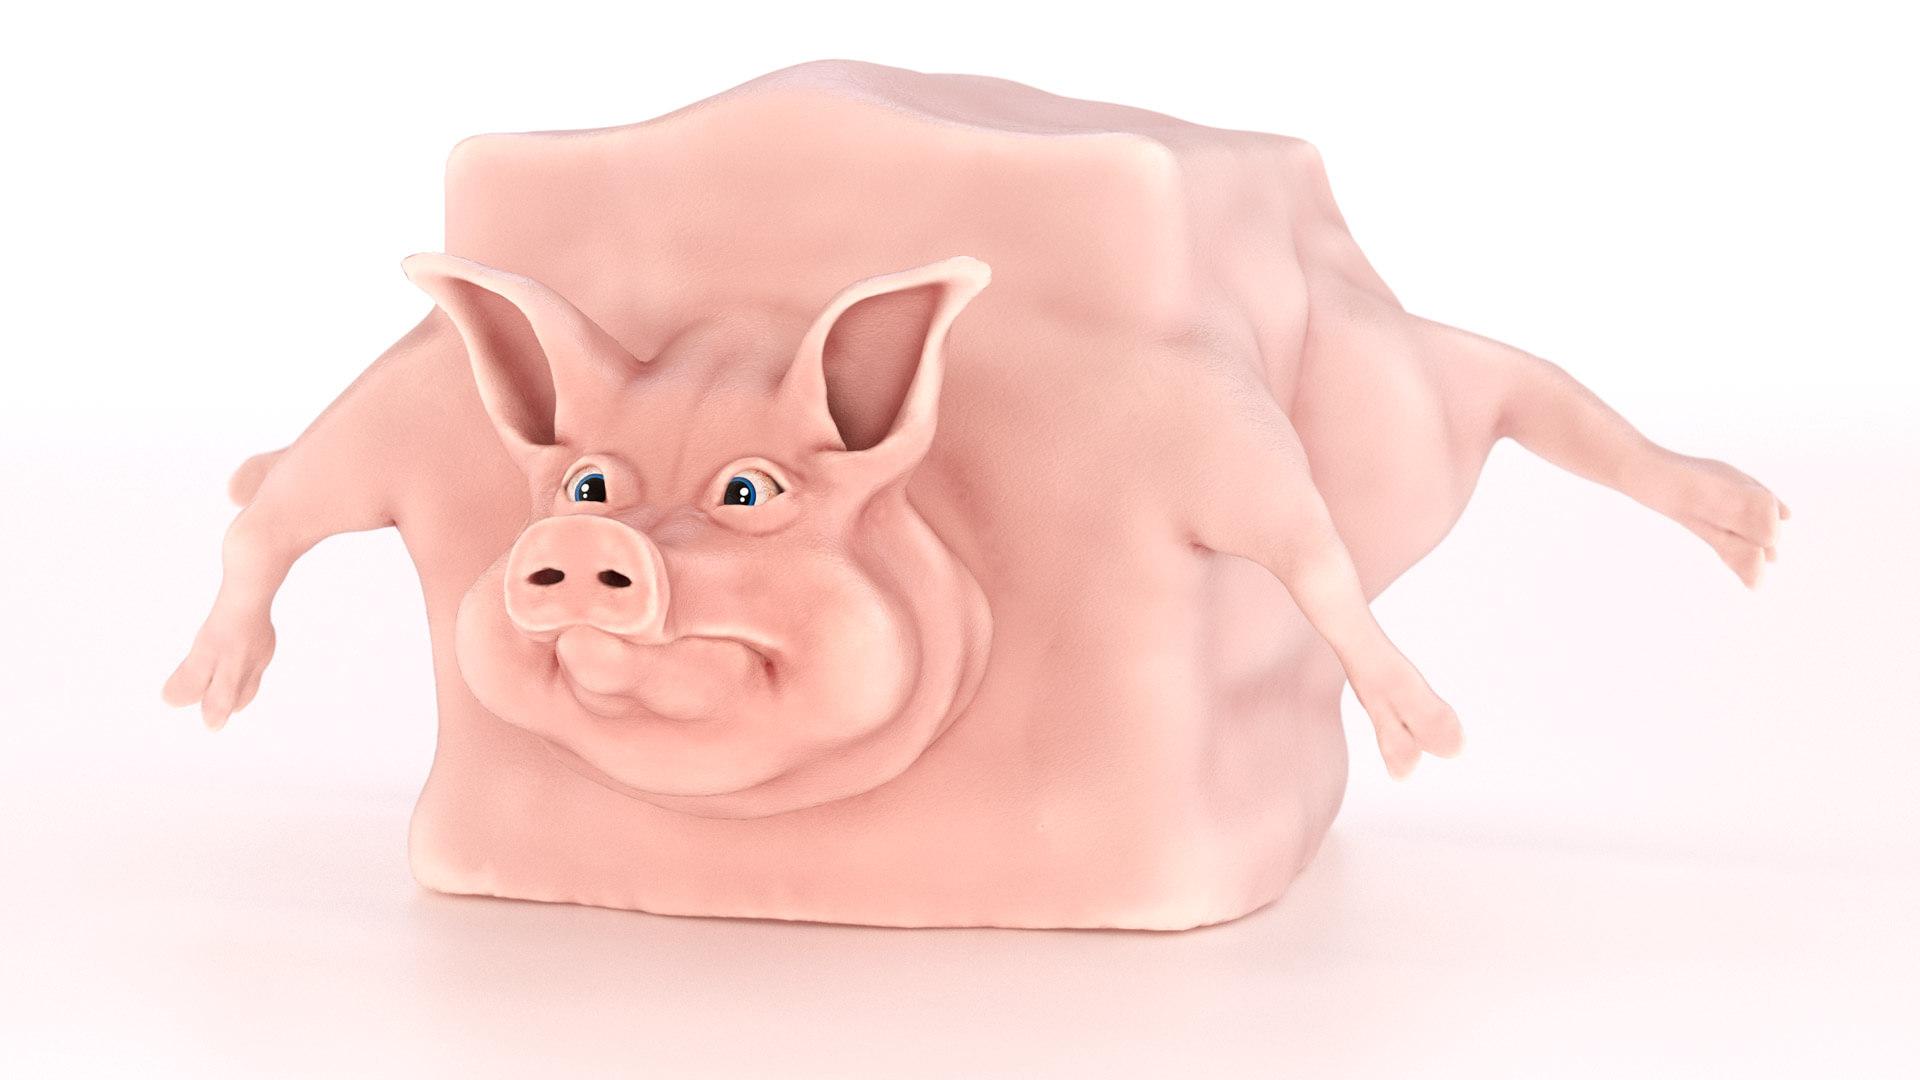 Christmas_Pig_01_1920x1080